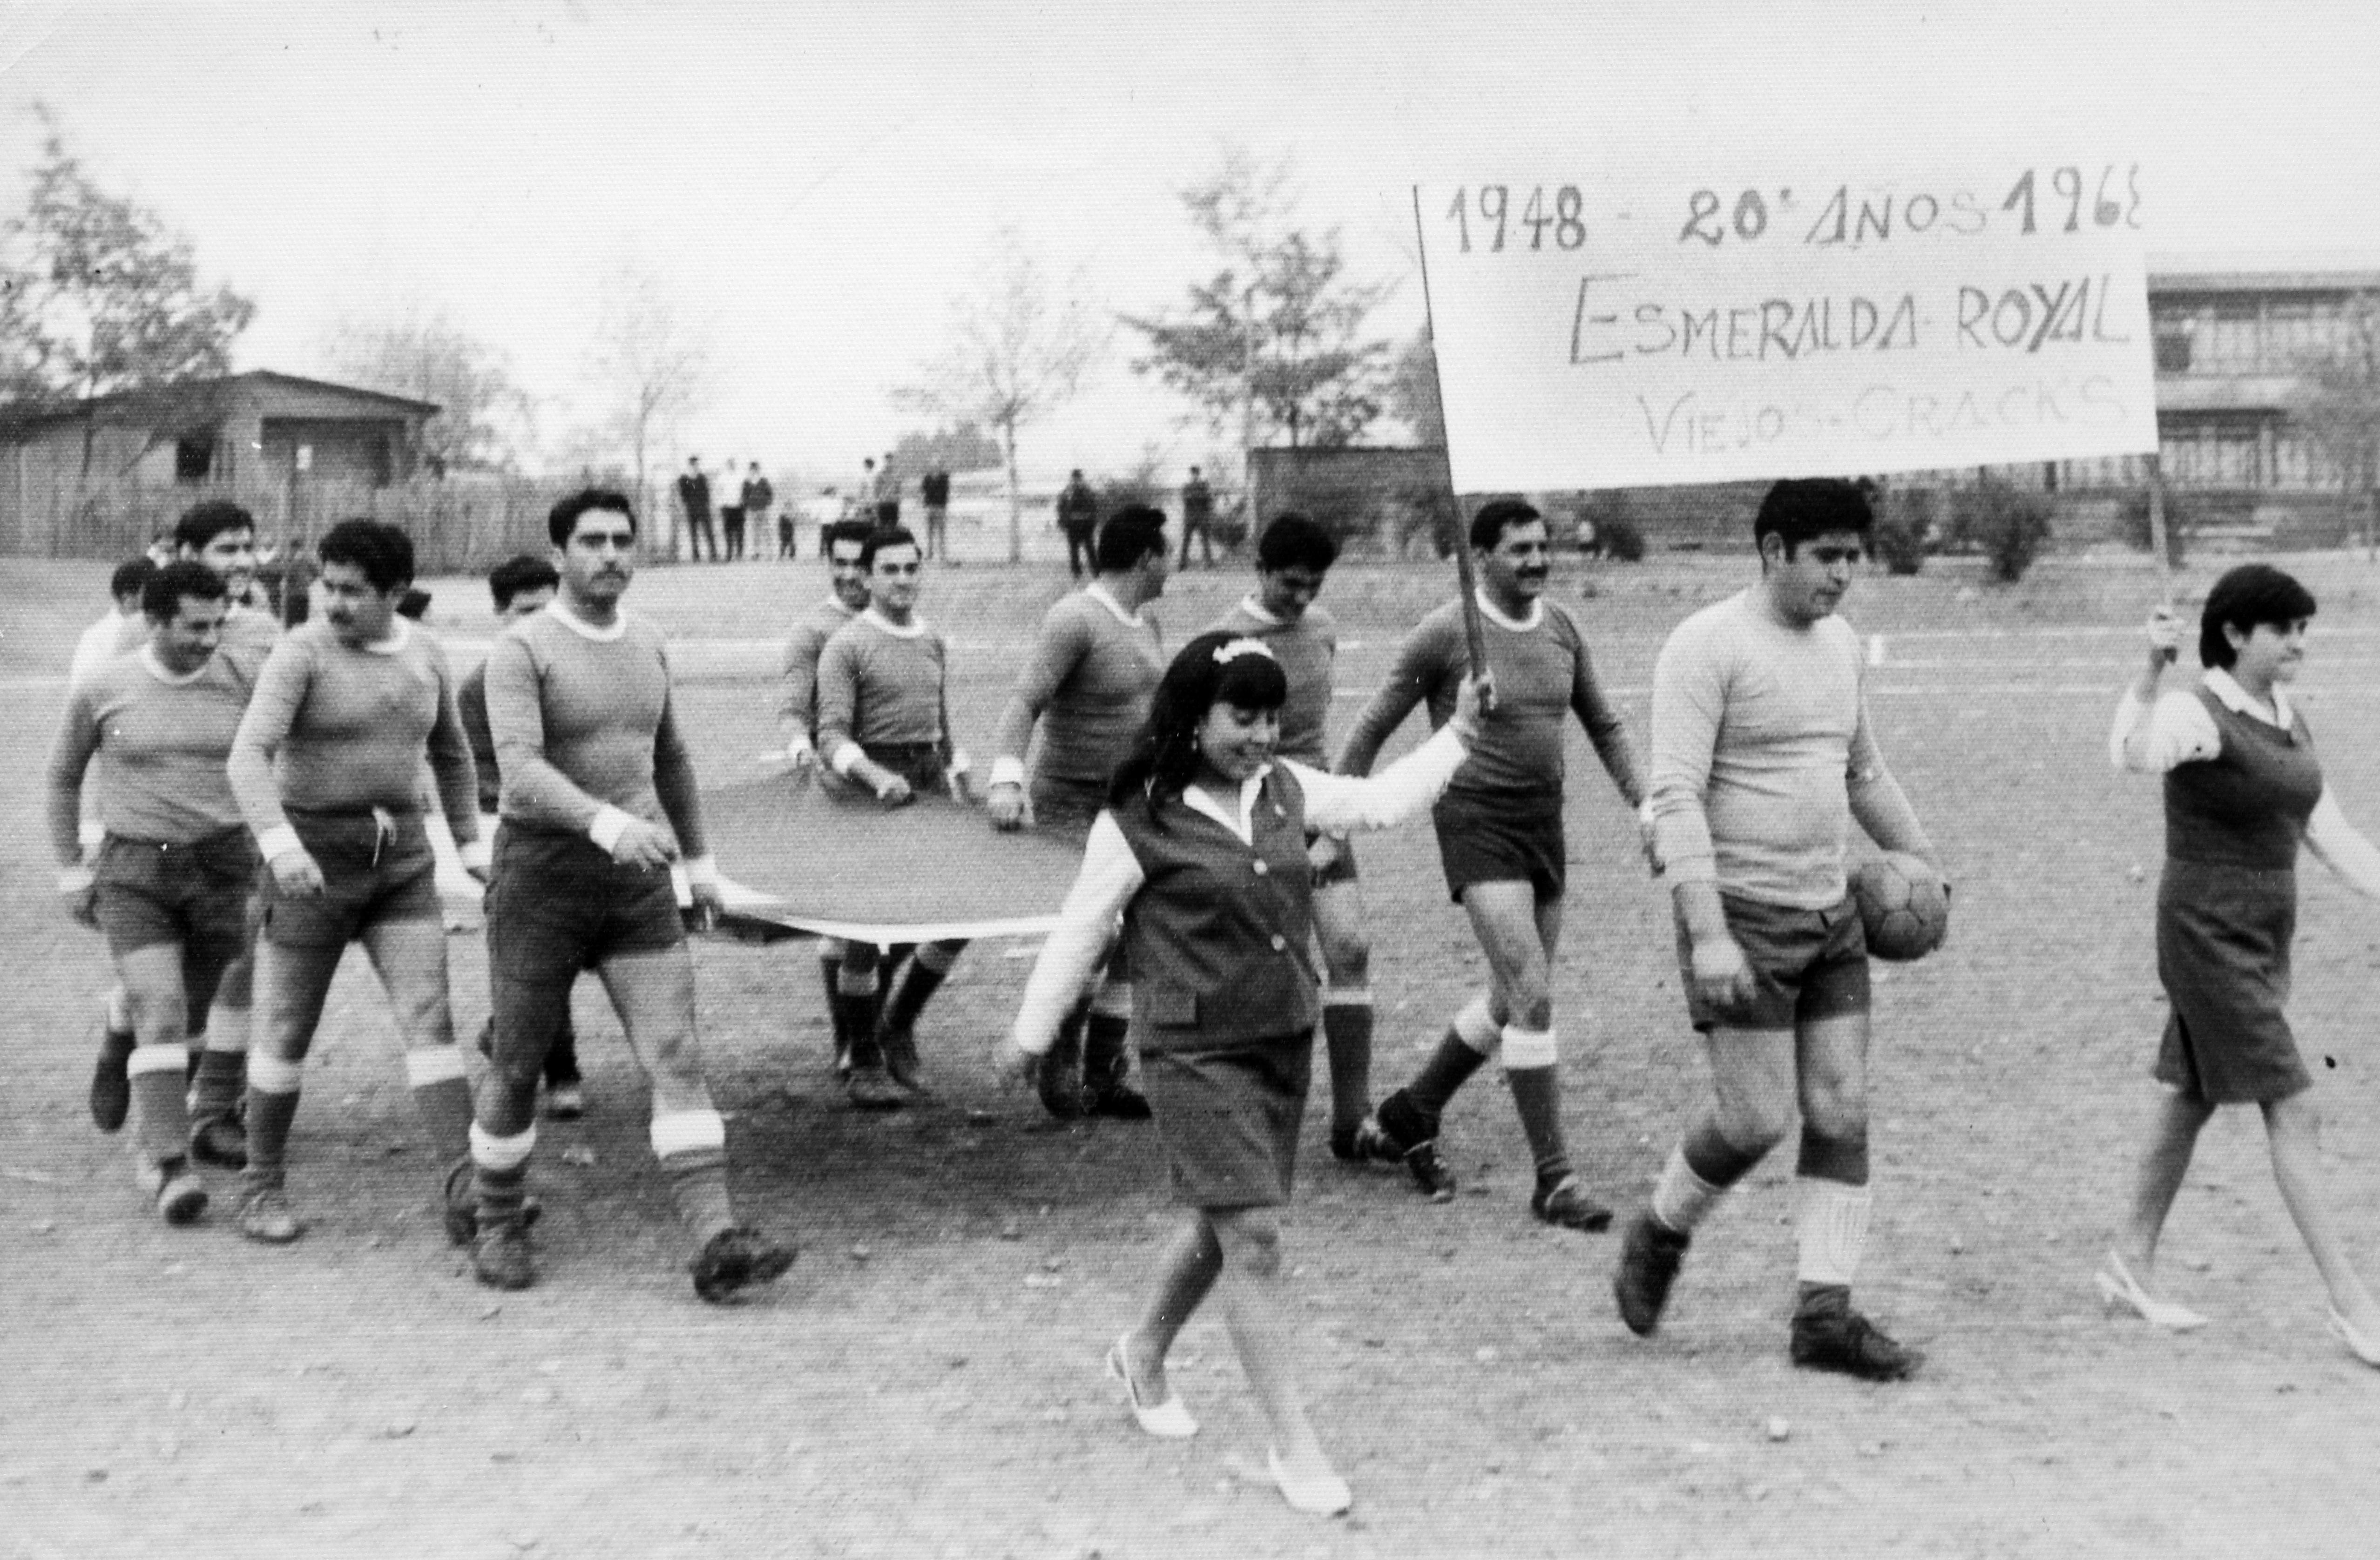 Enterreno - Fotos históricas de chile - fotos antiguas de Chile - Equipo de fútbol de barrio en 1968